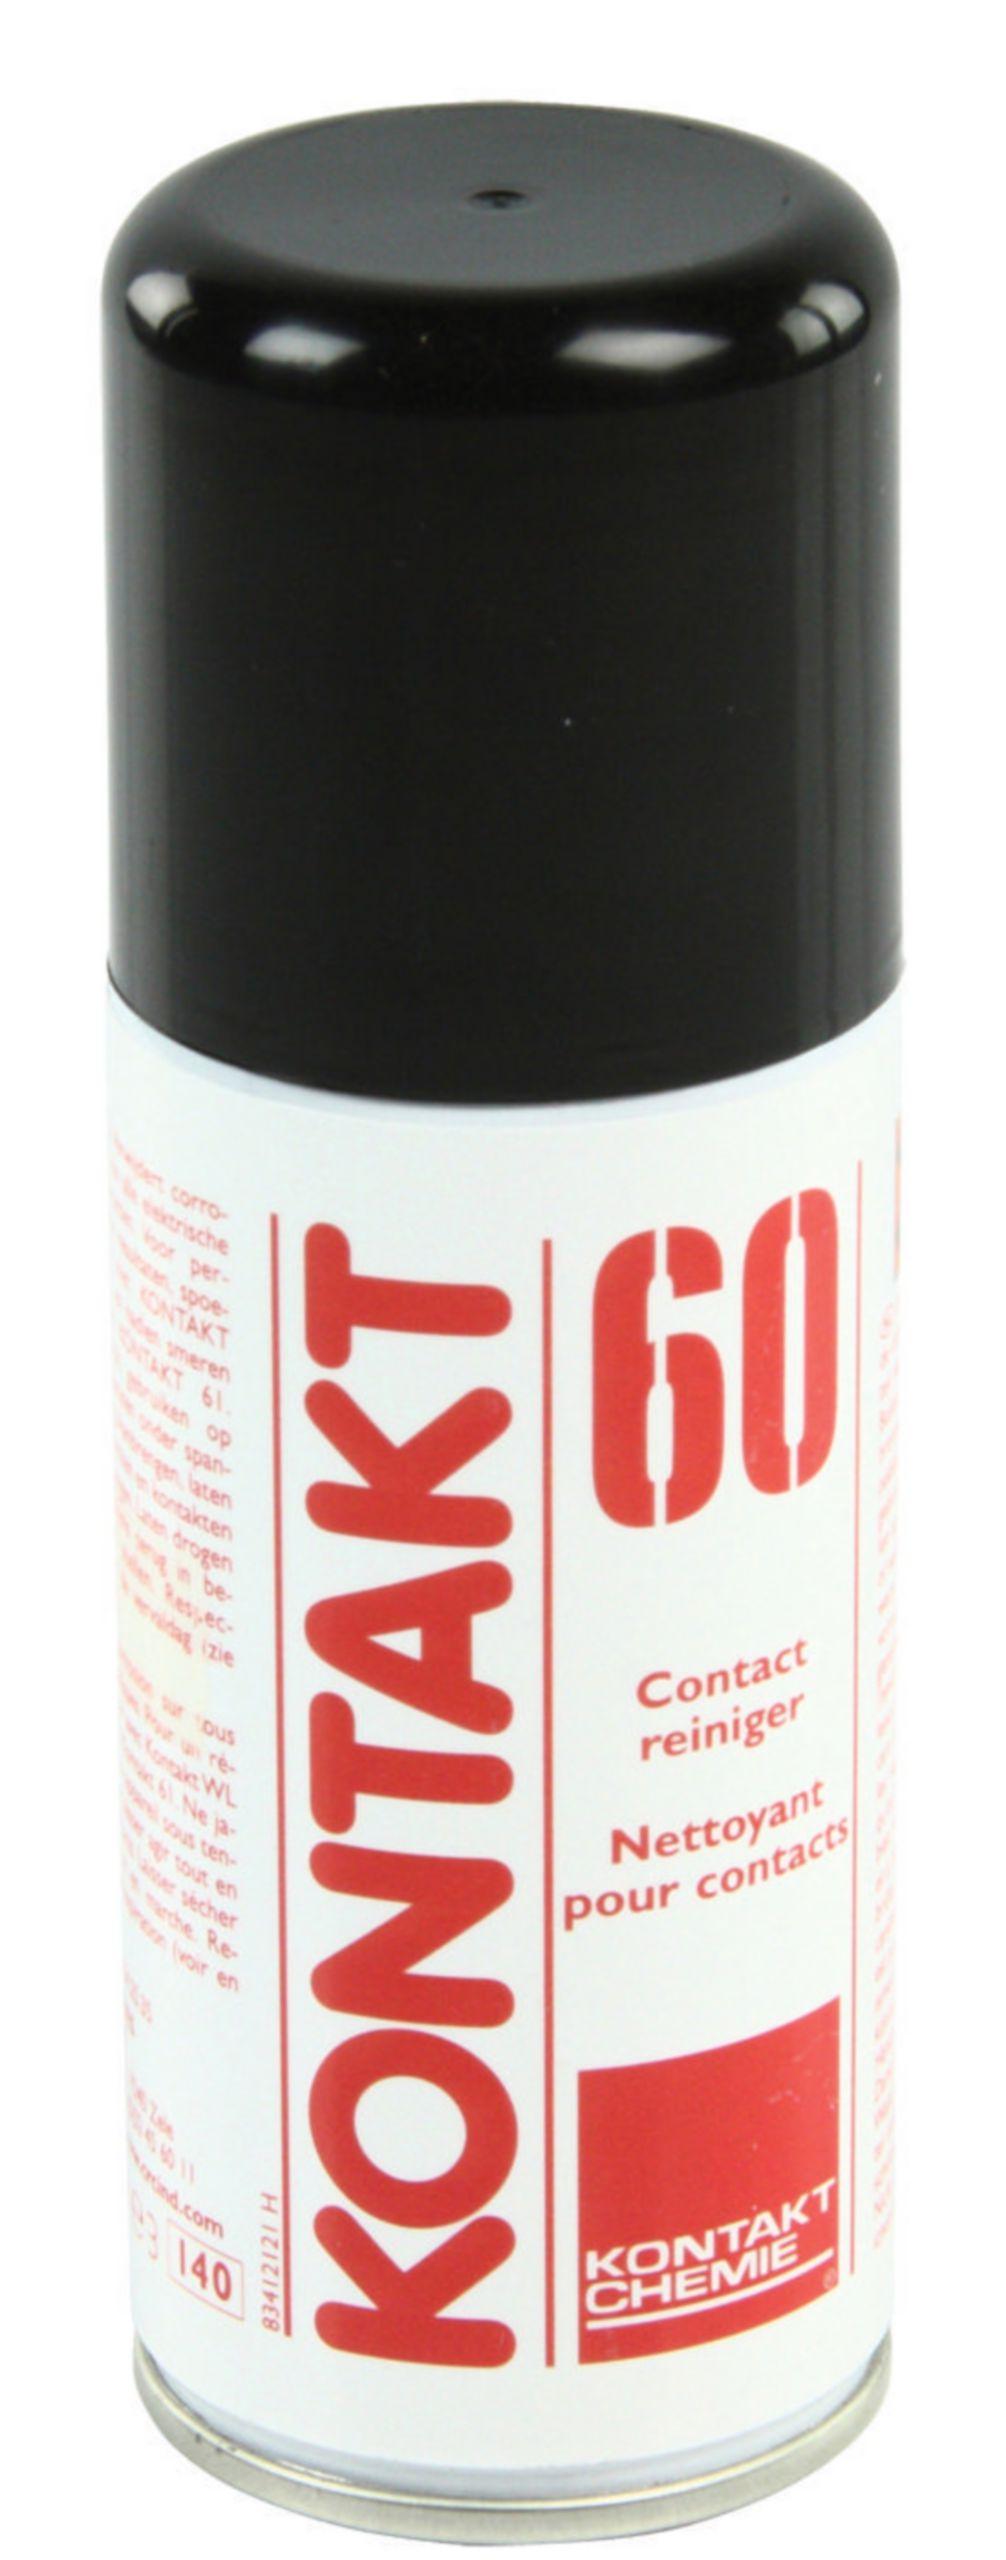 Čisticí sprej na kontakty 100 ml KONTAKT 60